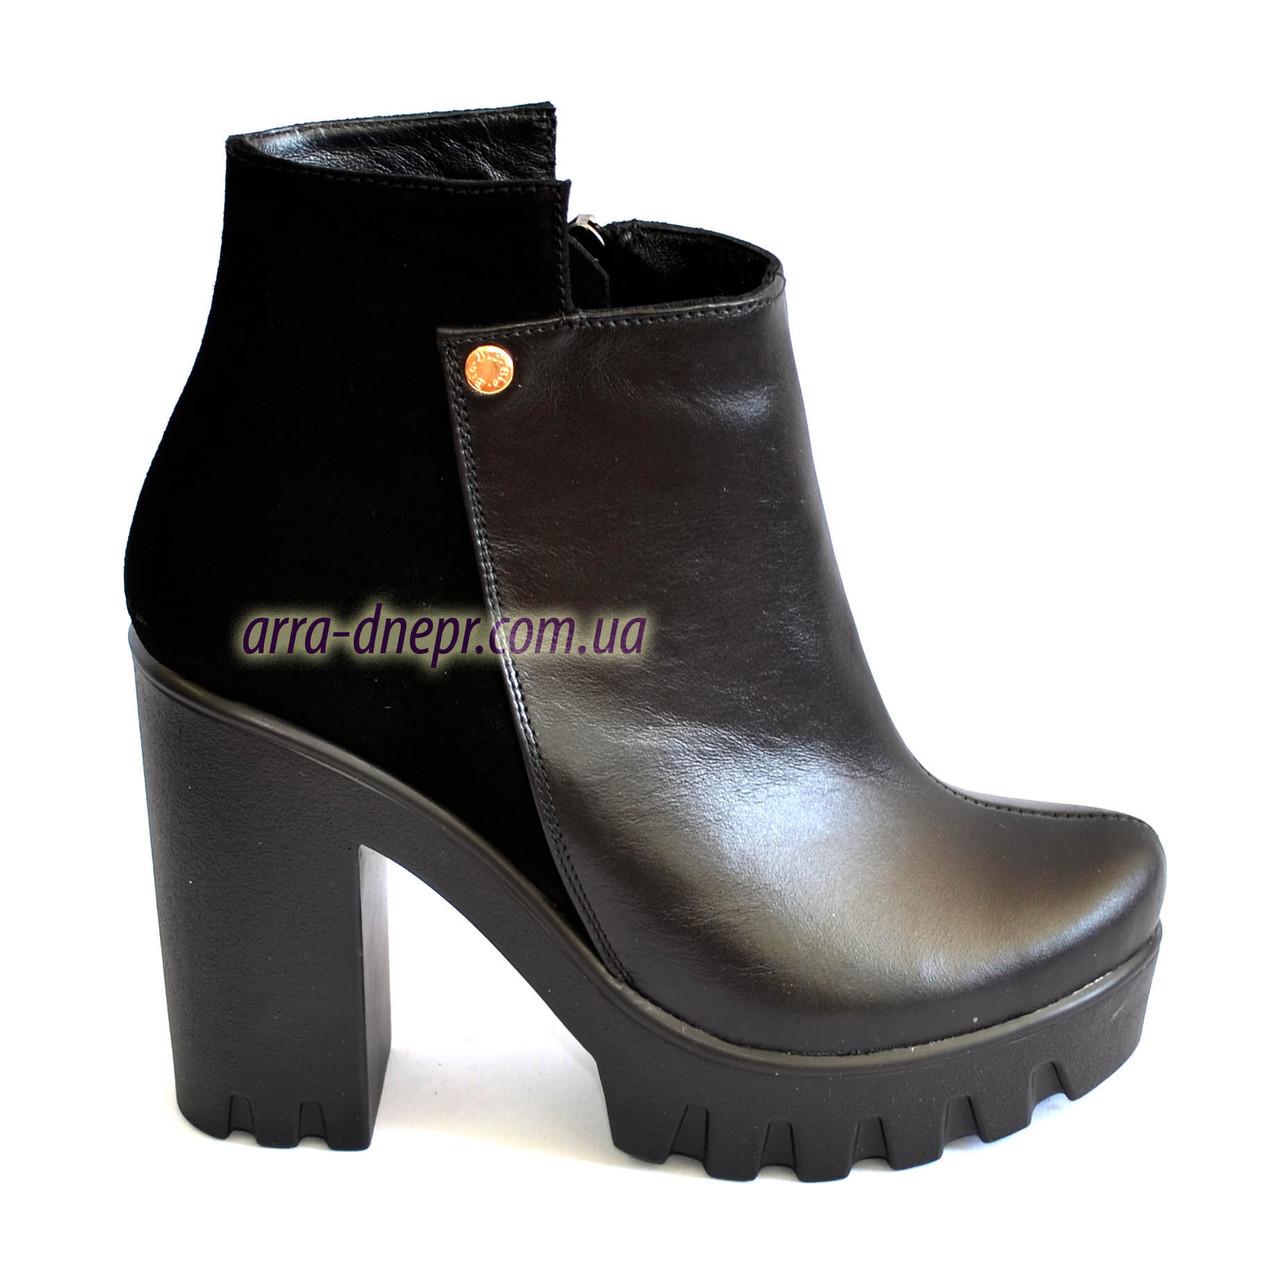 Ботинки женские черные на тракторной подошве, натуральная кожа, замш. Зимний вариант